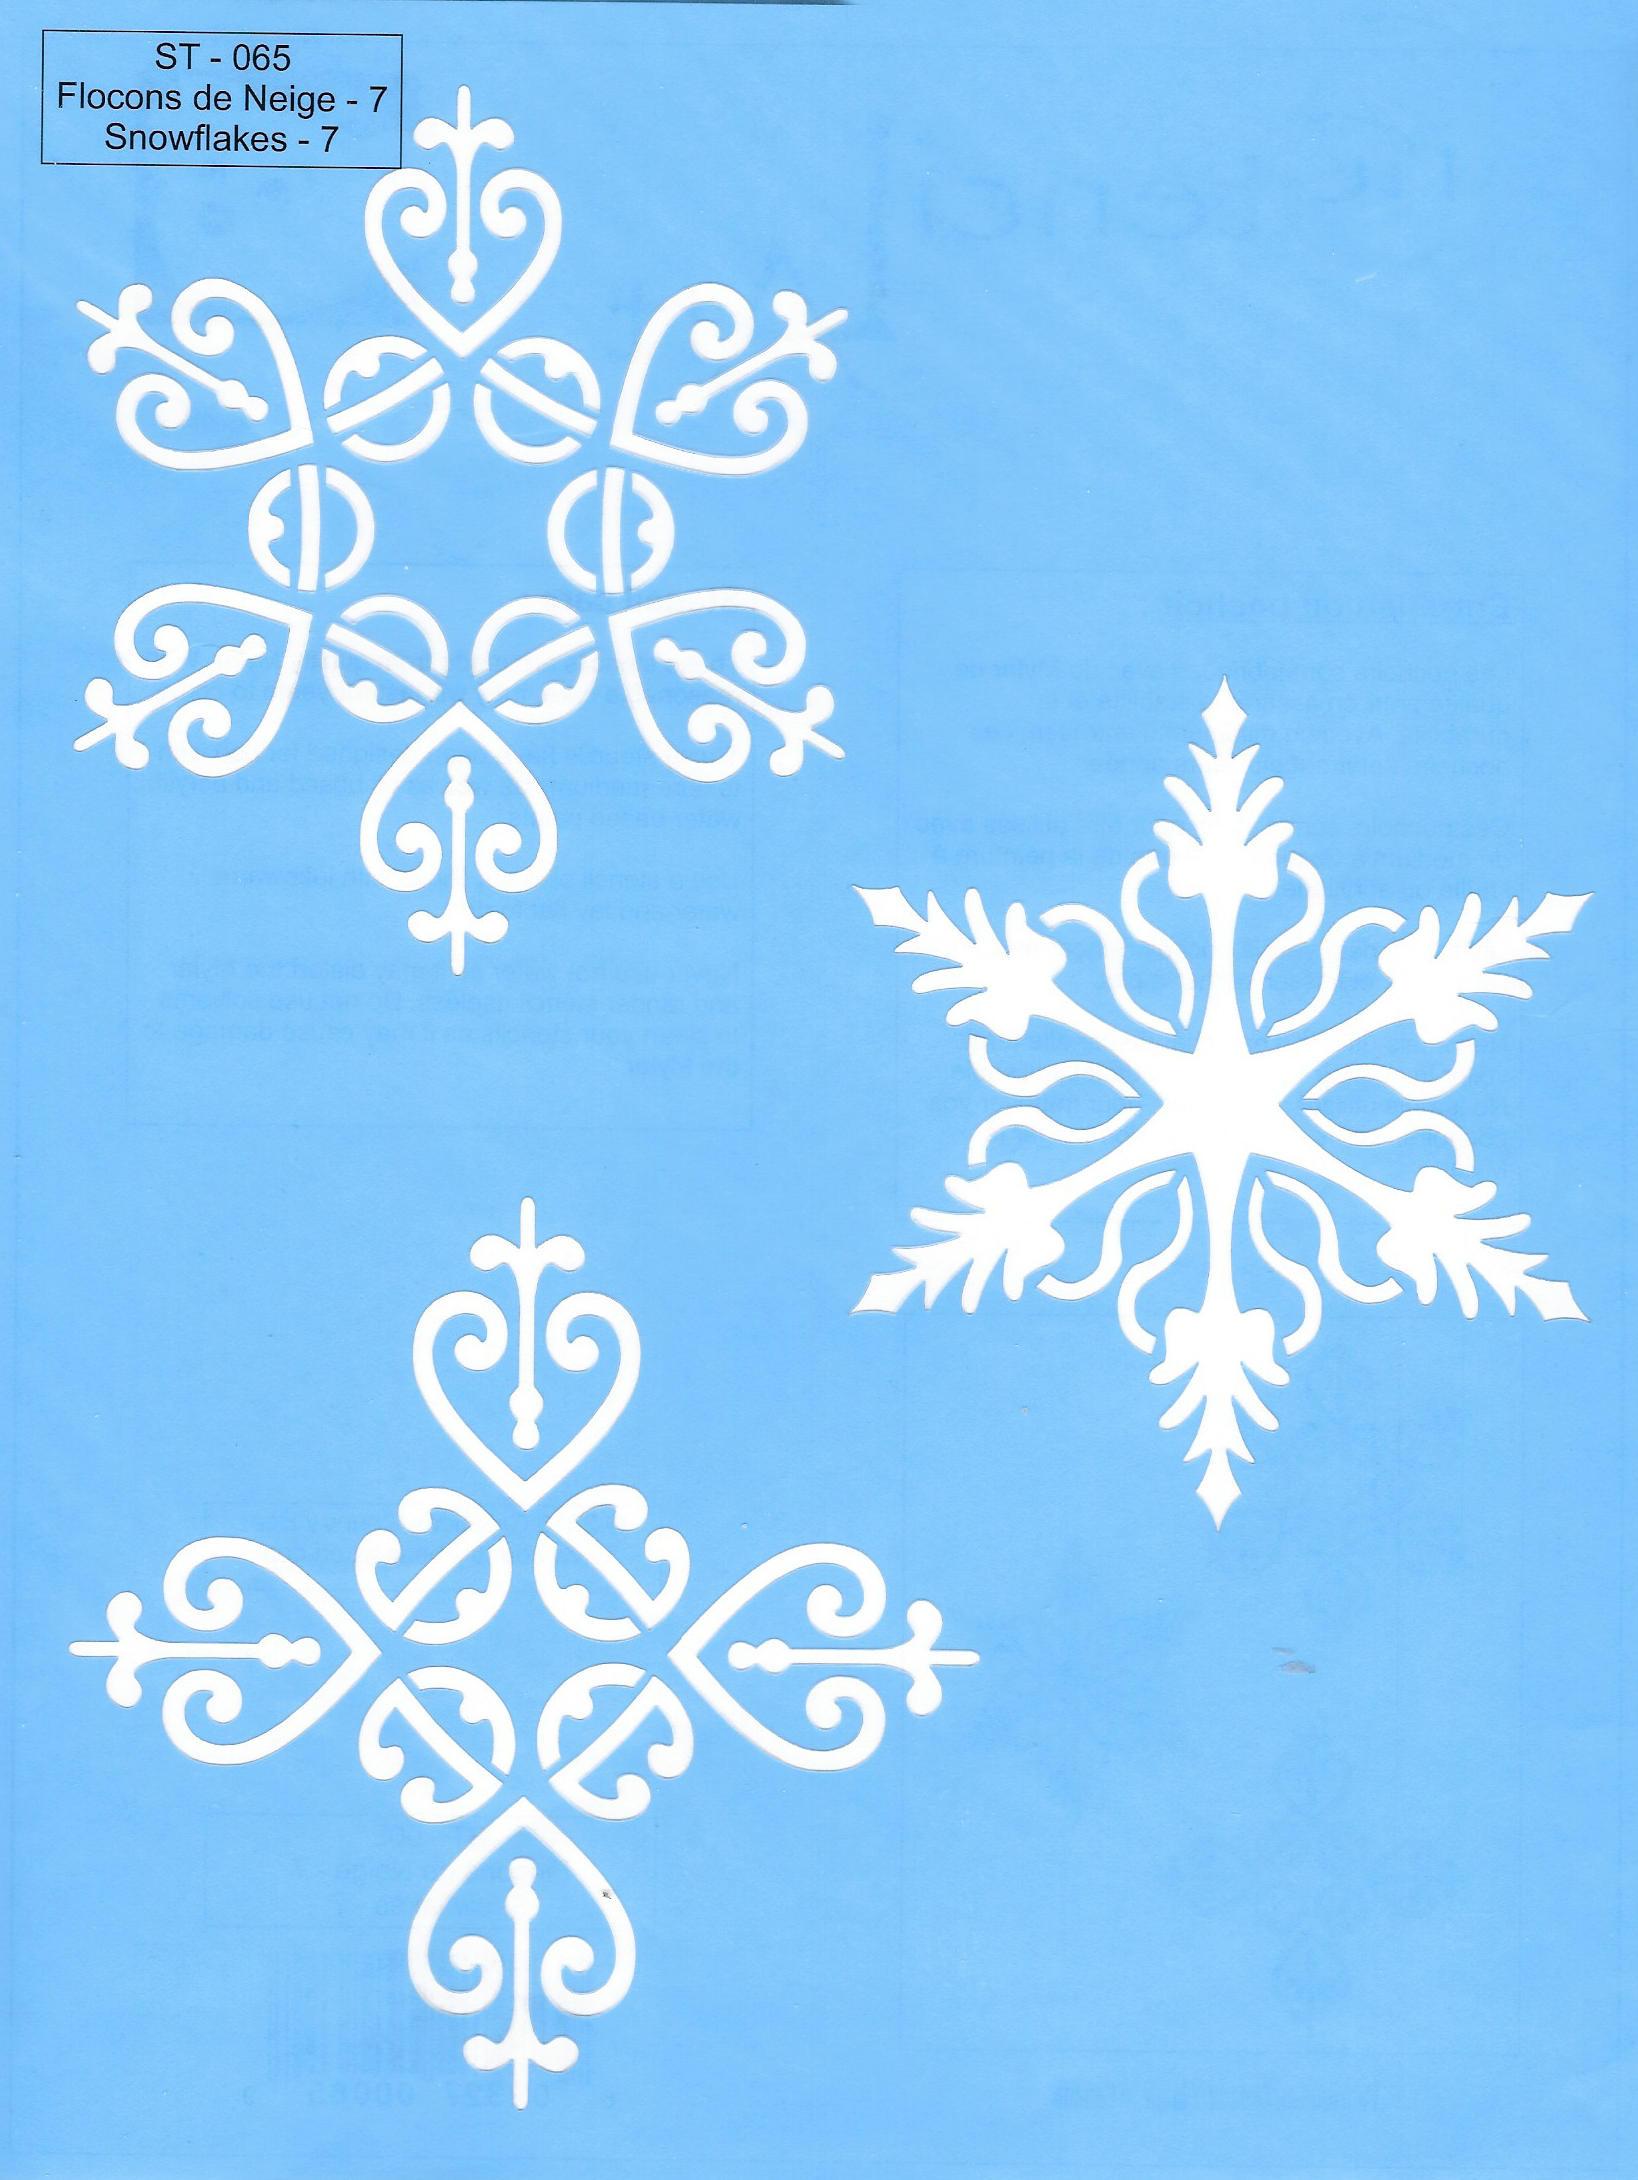 st-065-snowflakes-7.jpg